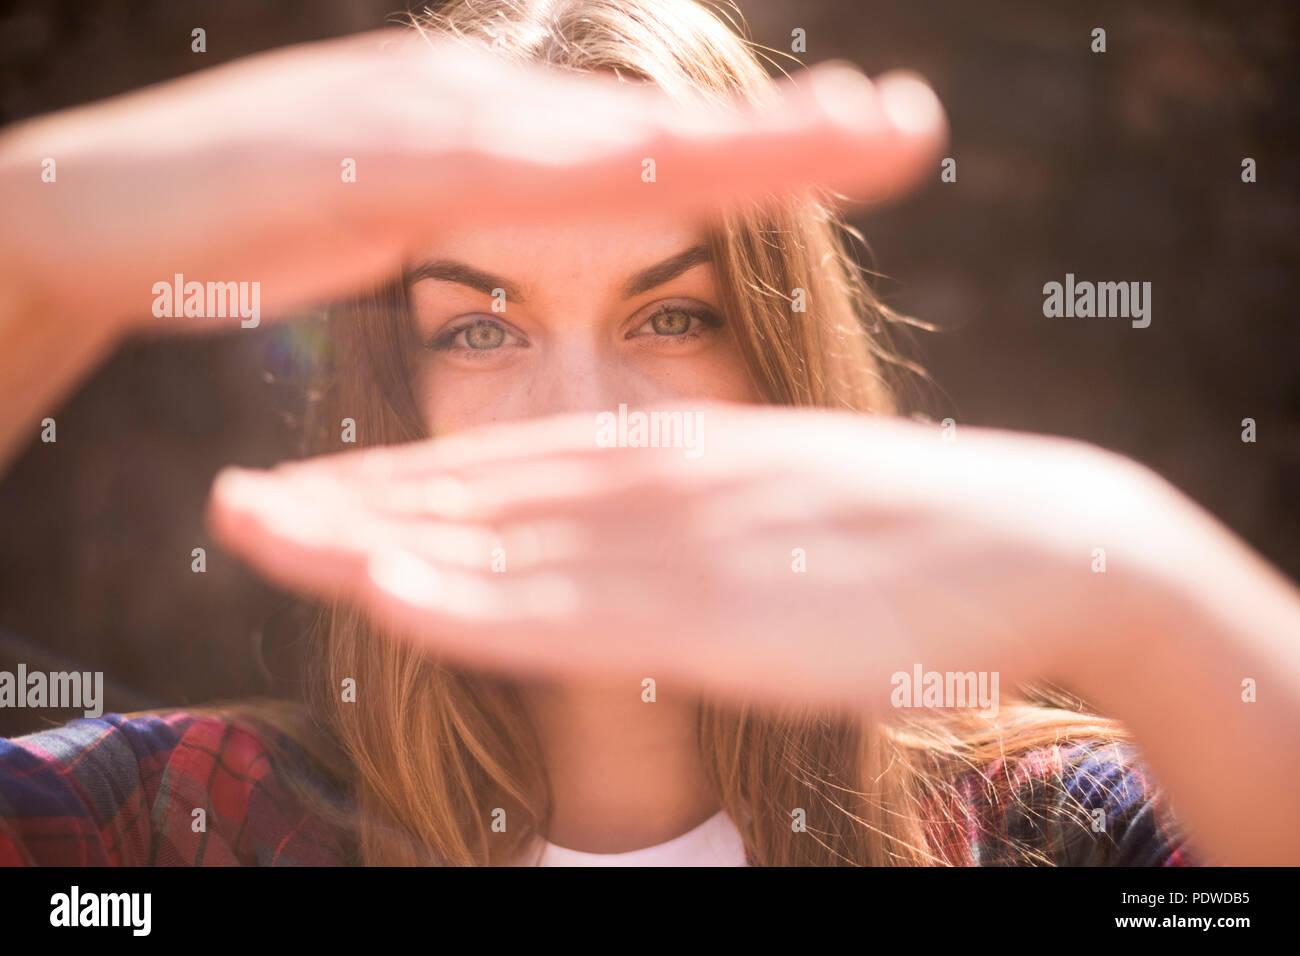 Sonnige Portrait von schönen Modell kaukasischen mit blauen Augen in die Hintergrundbeleuchtung mit der Hand vor ihrem Gesicht die versteckte Mund. bokeh Defokussierten backgroun Stockfoto